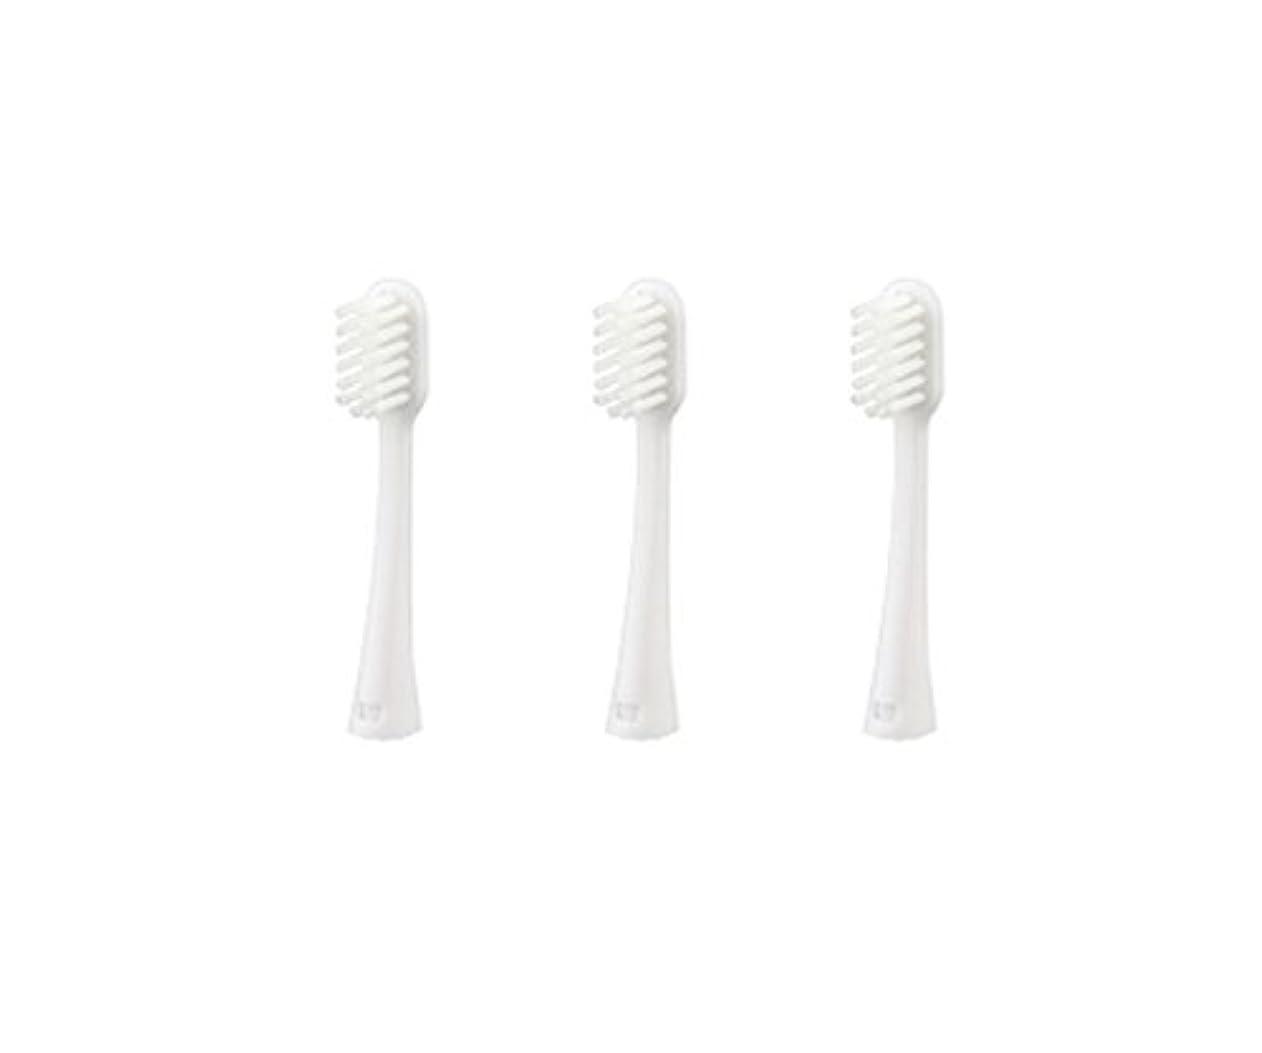 鋭く過度に熱望するドリテック 音波式電動歯ブラシ用 交換用ブラシ(3本入) KB-305WT /8-3819-02